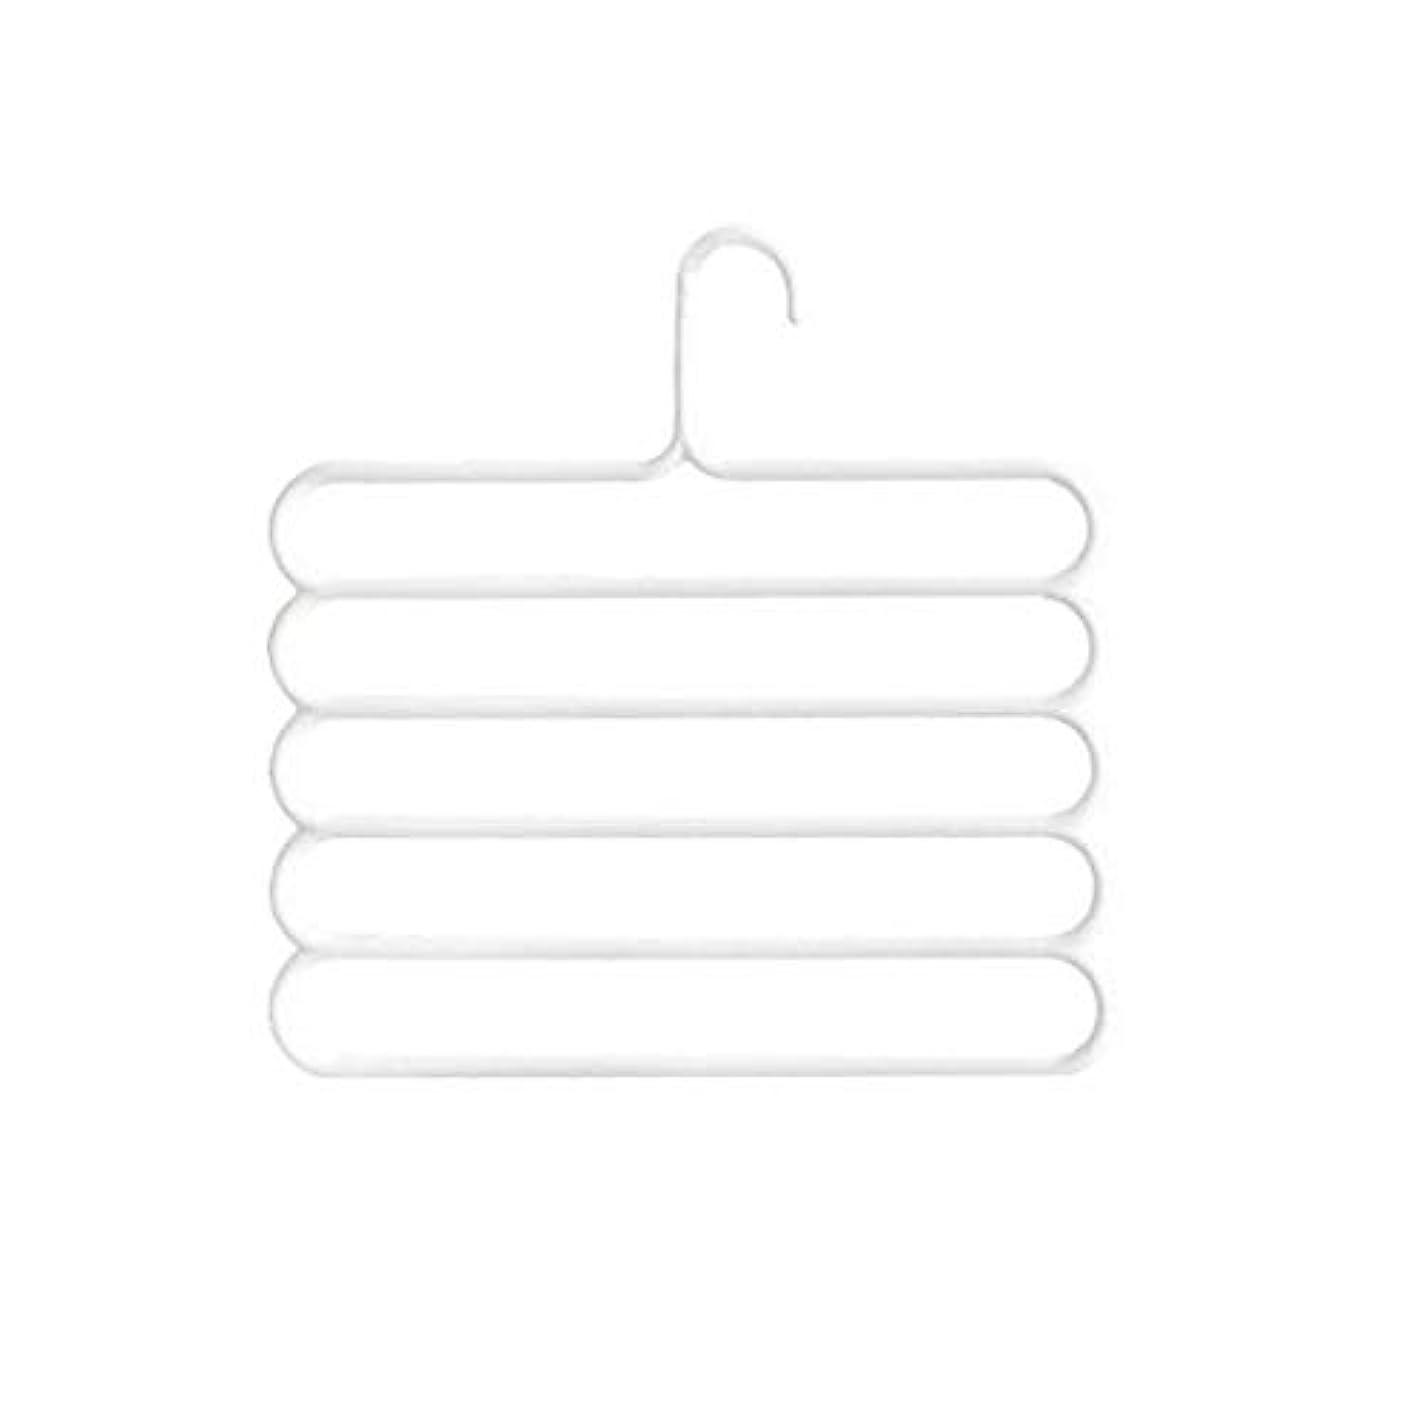 半円忌避剤支出Blackfell 滑り止めマジック多層ズボンハンガー多機能パンツクローゼットベルトホルダーラックSタイプ5層節約スペース